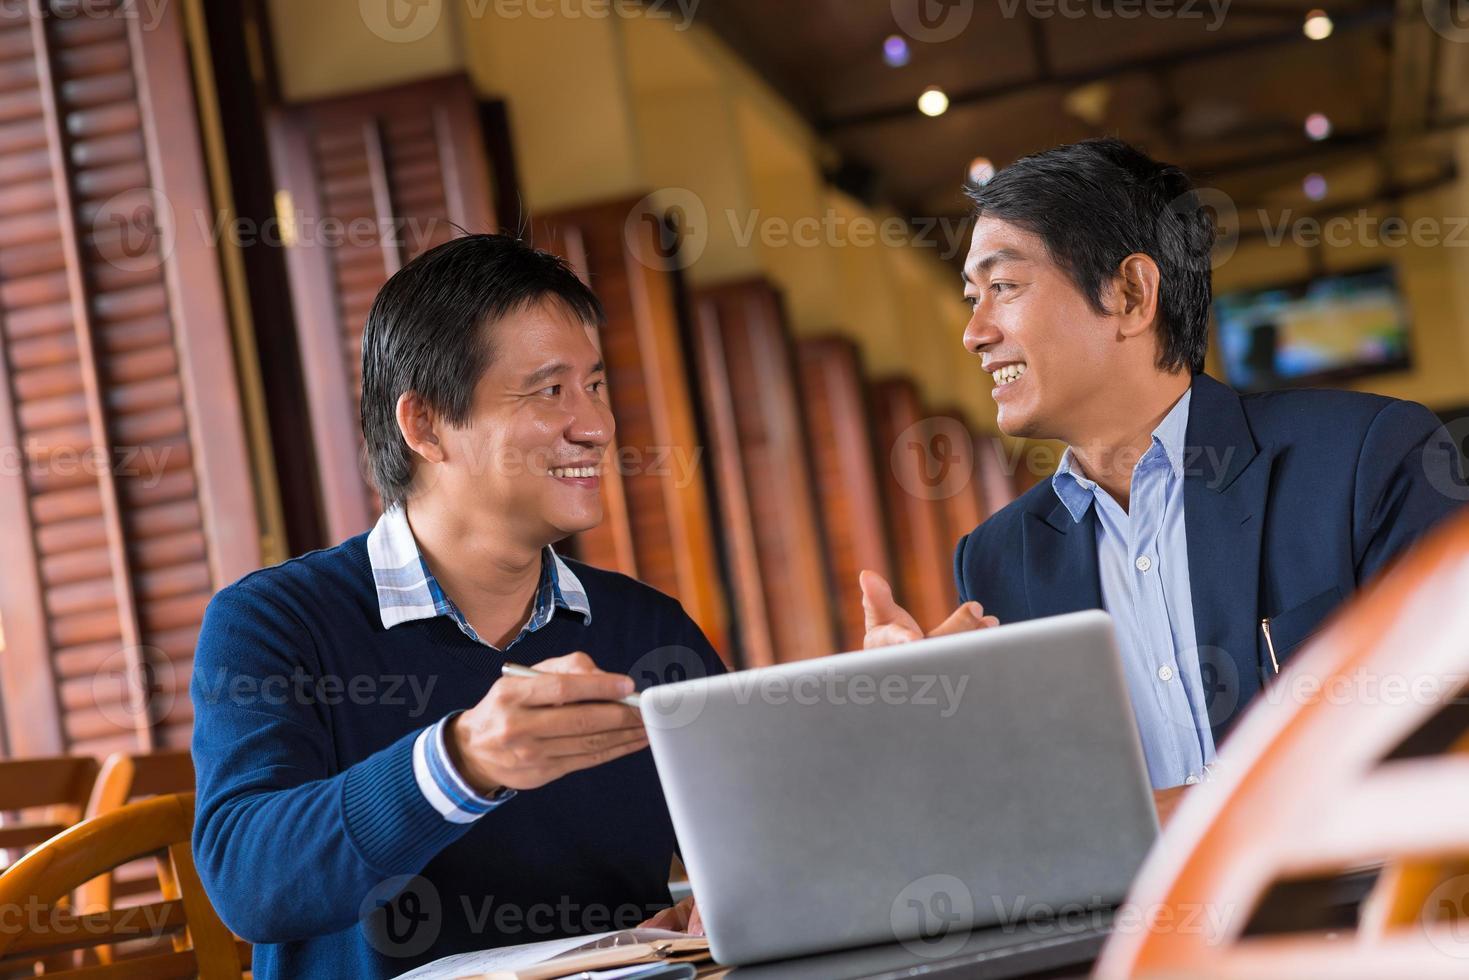 discutindo informações na tela do laptop foto